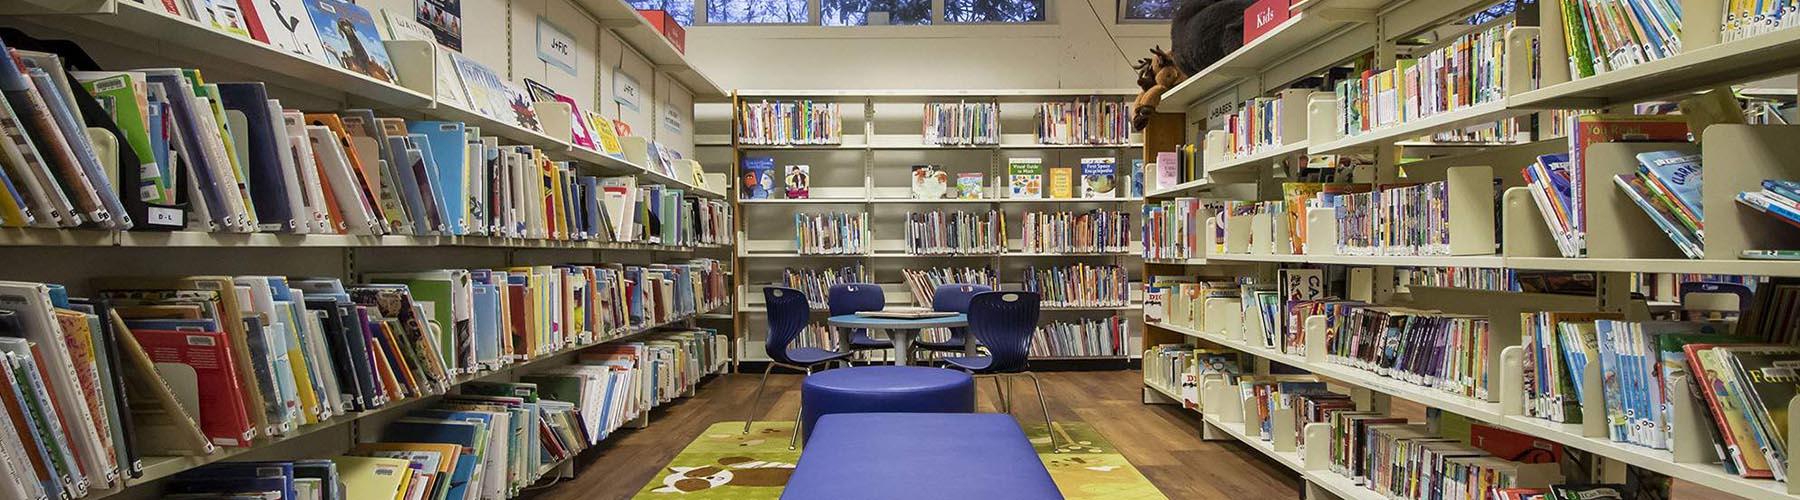 کتابخانه های منطقه 2 تهران فانزی